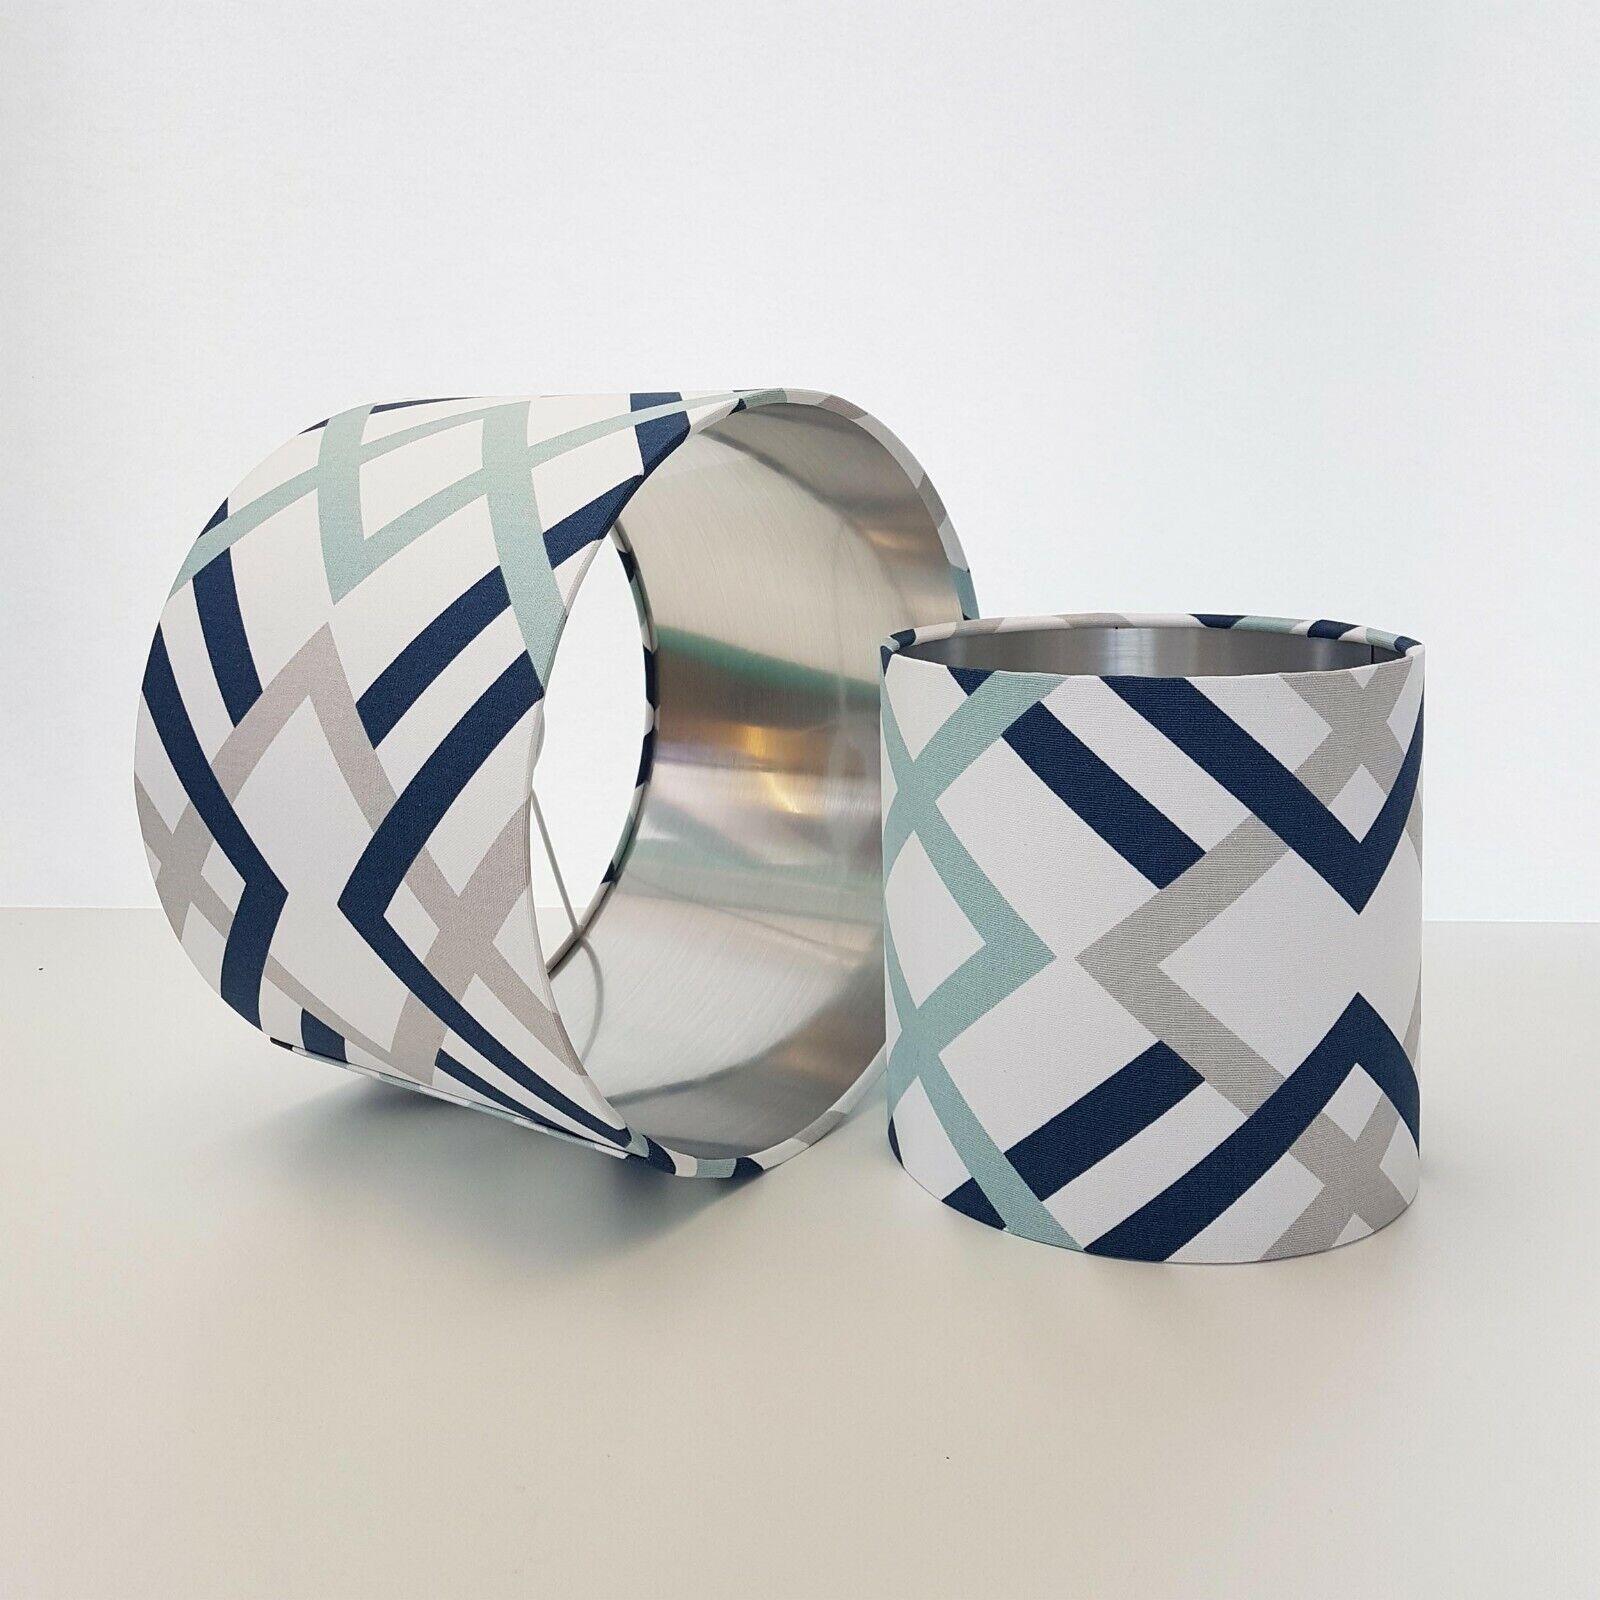 prezzi più bassi Paralume bianco e blu navy con argento argento argento metallizzato grigio Scandinavian geometrico  disegni esclusivi